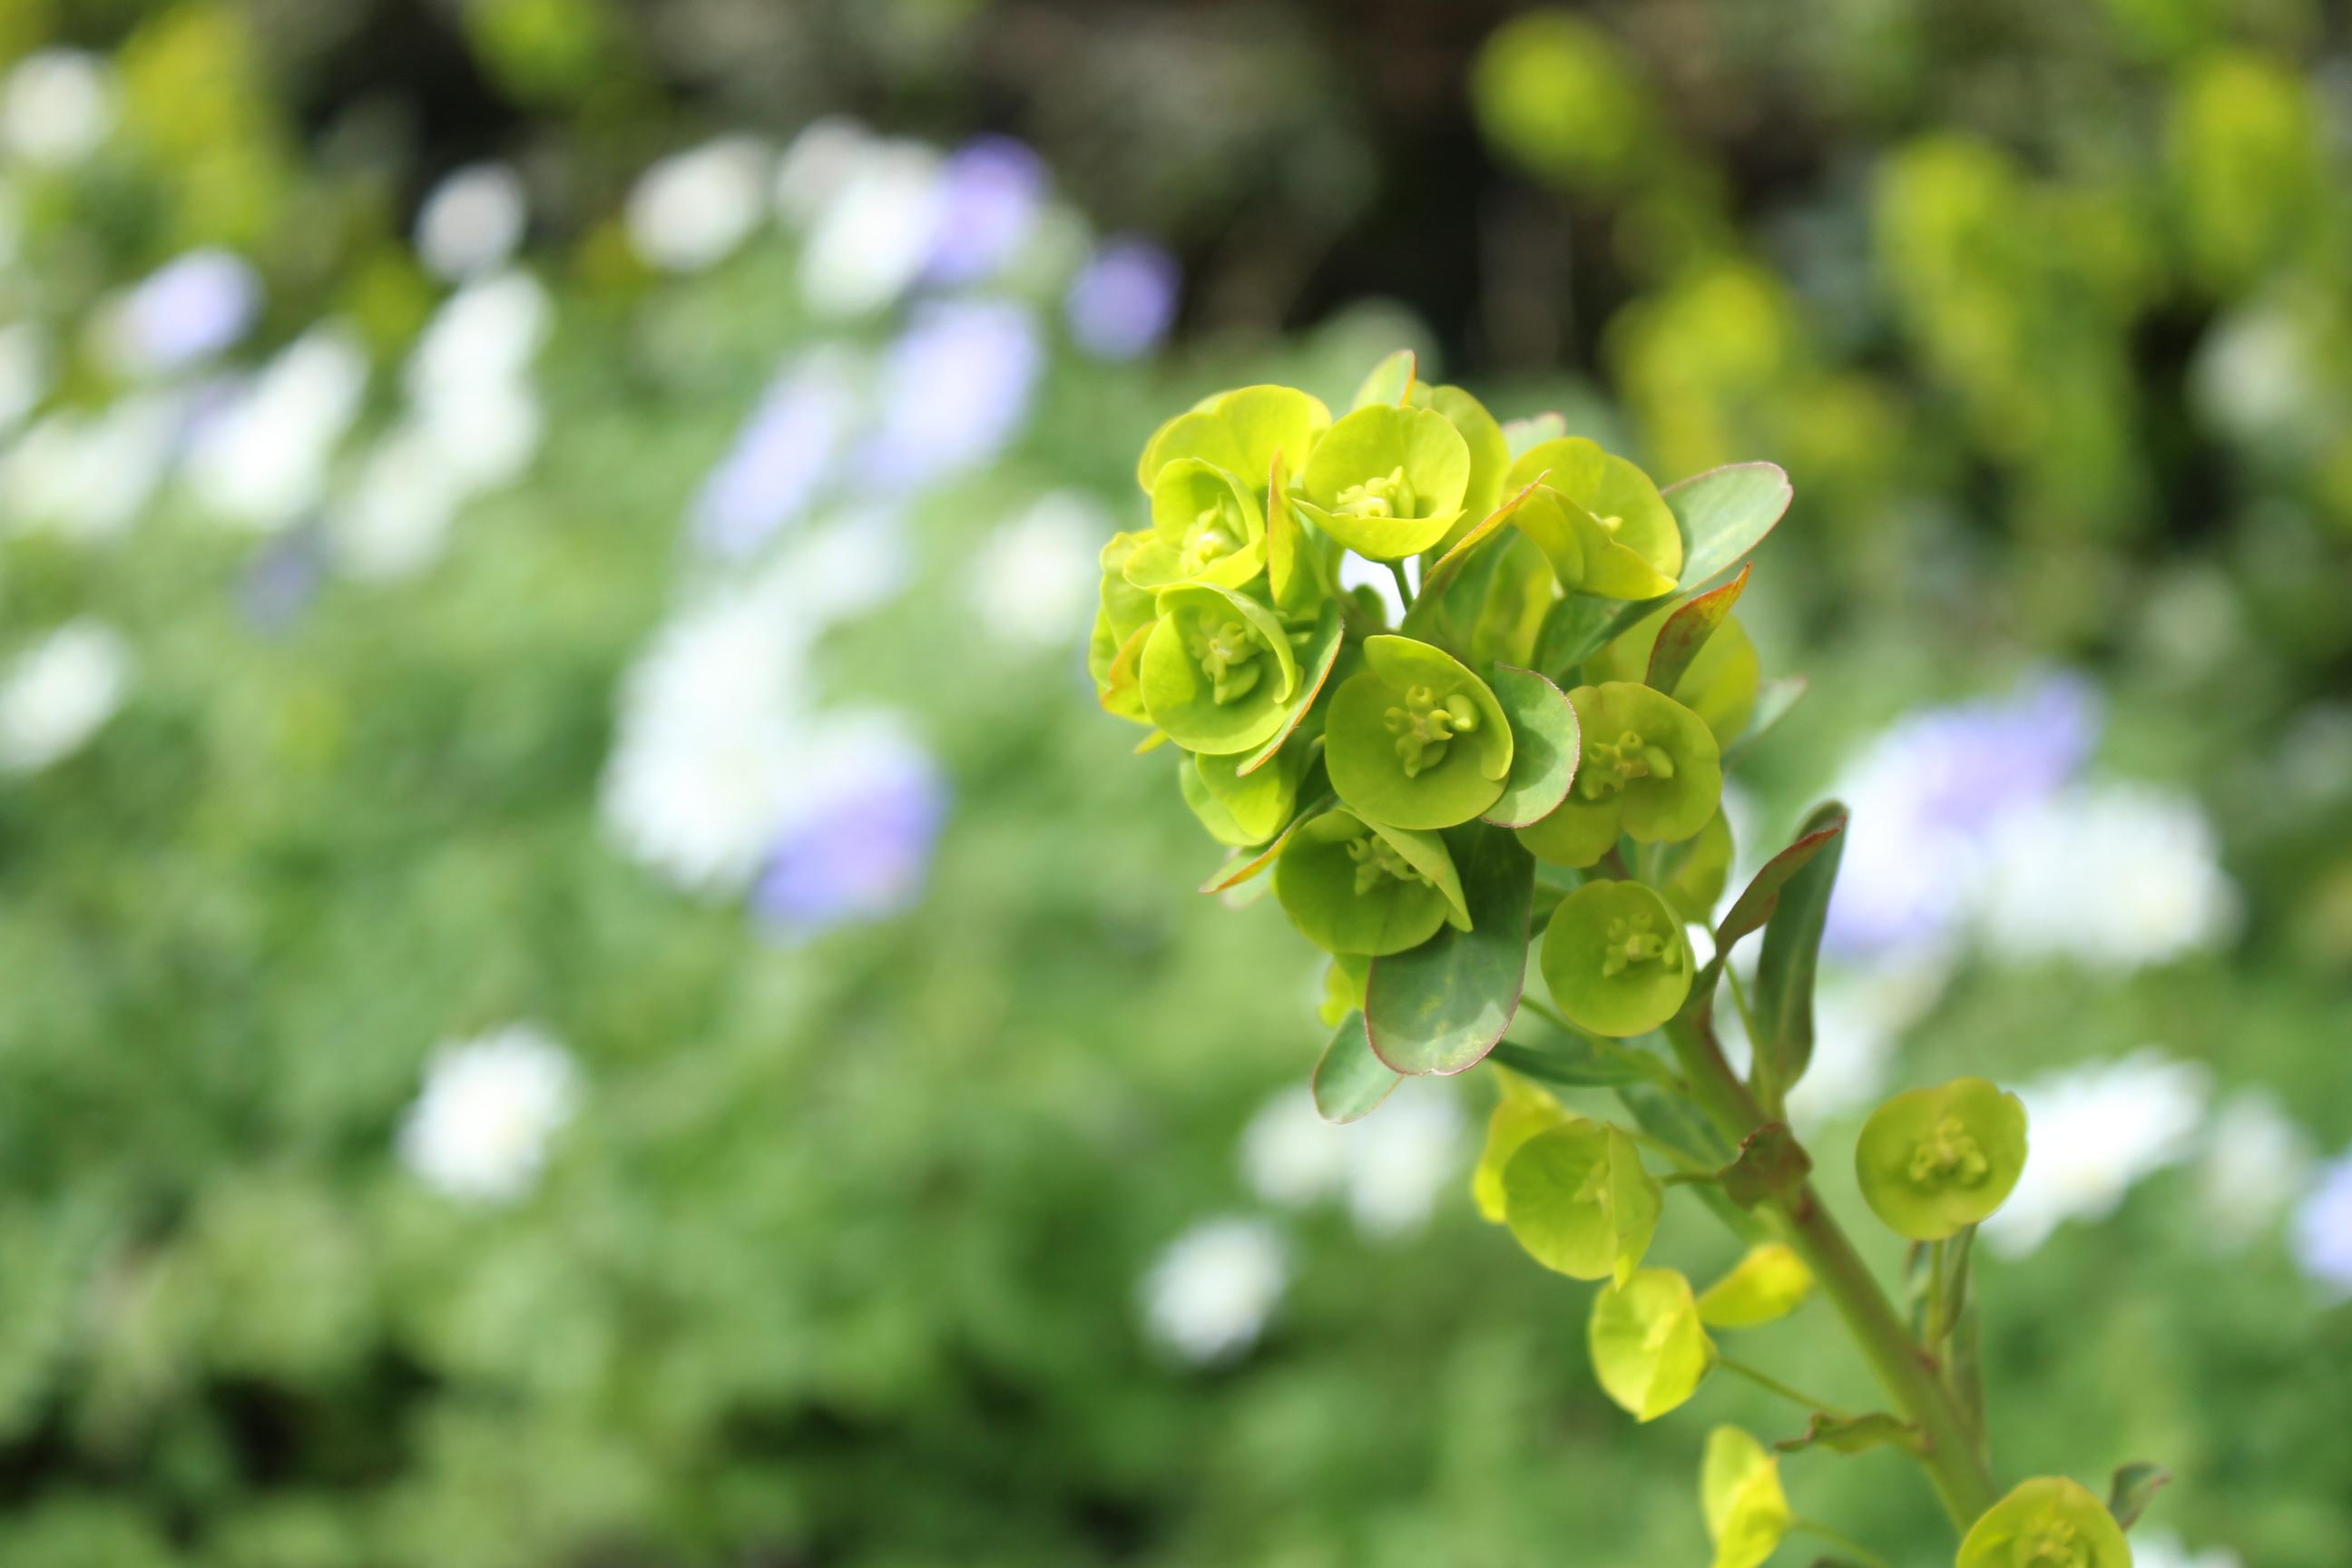 My Top Five Spring Flowers Sissinghurst Garden